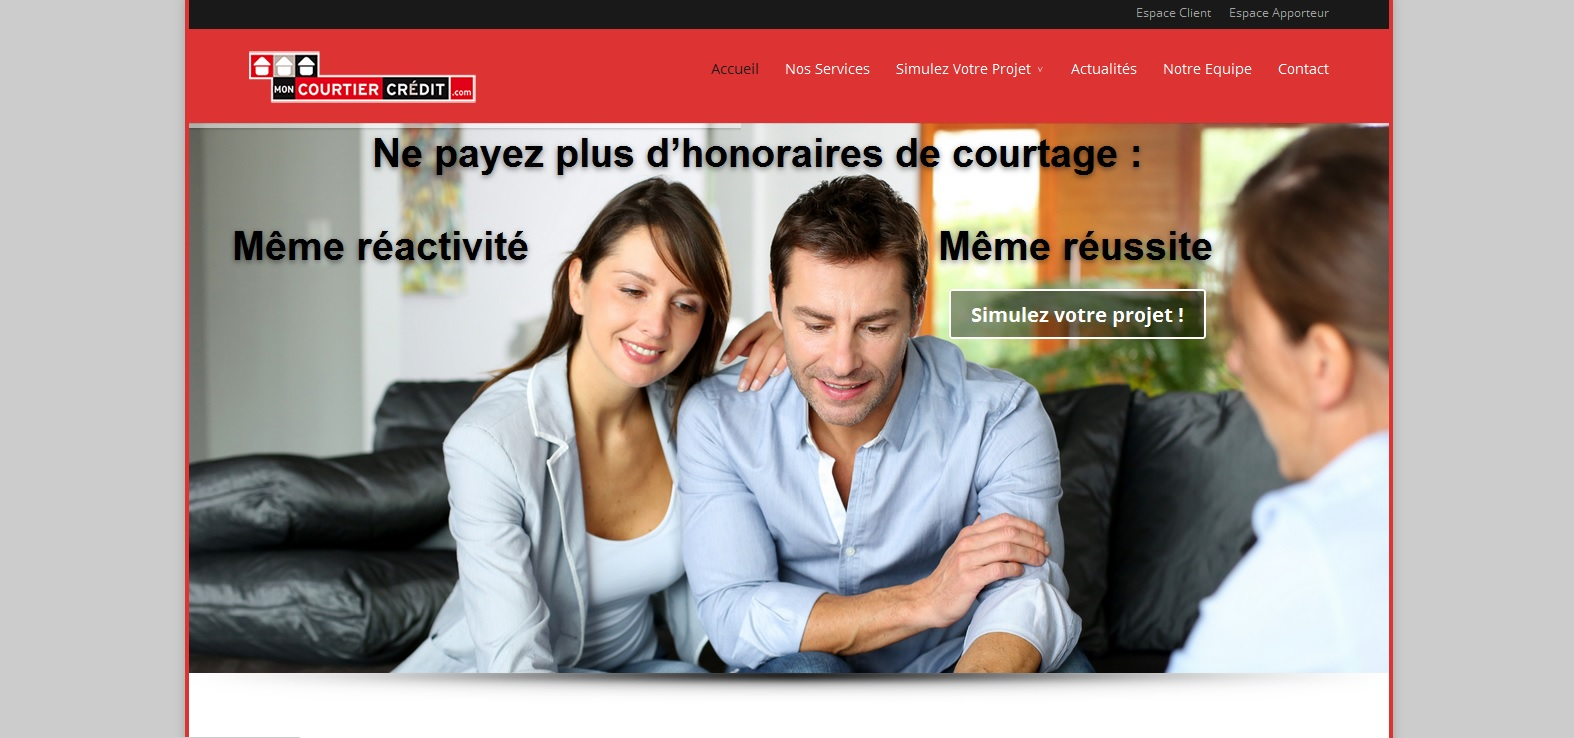 moncourtier-credit.com